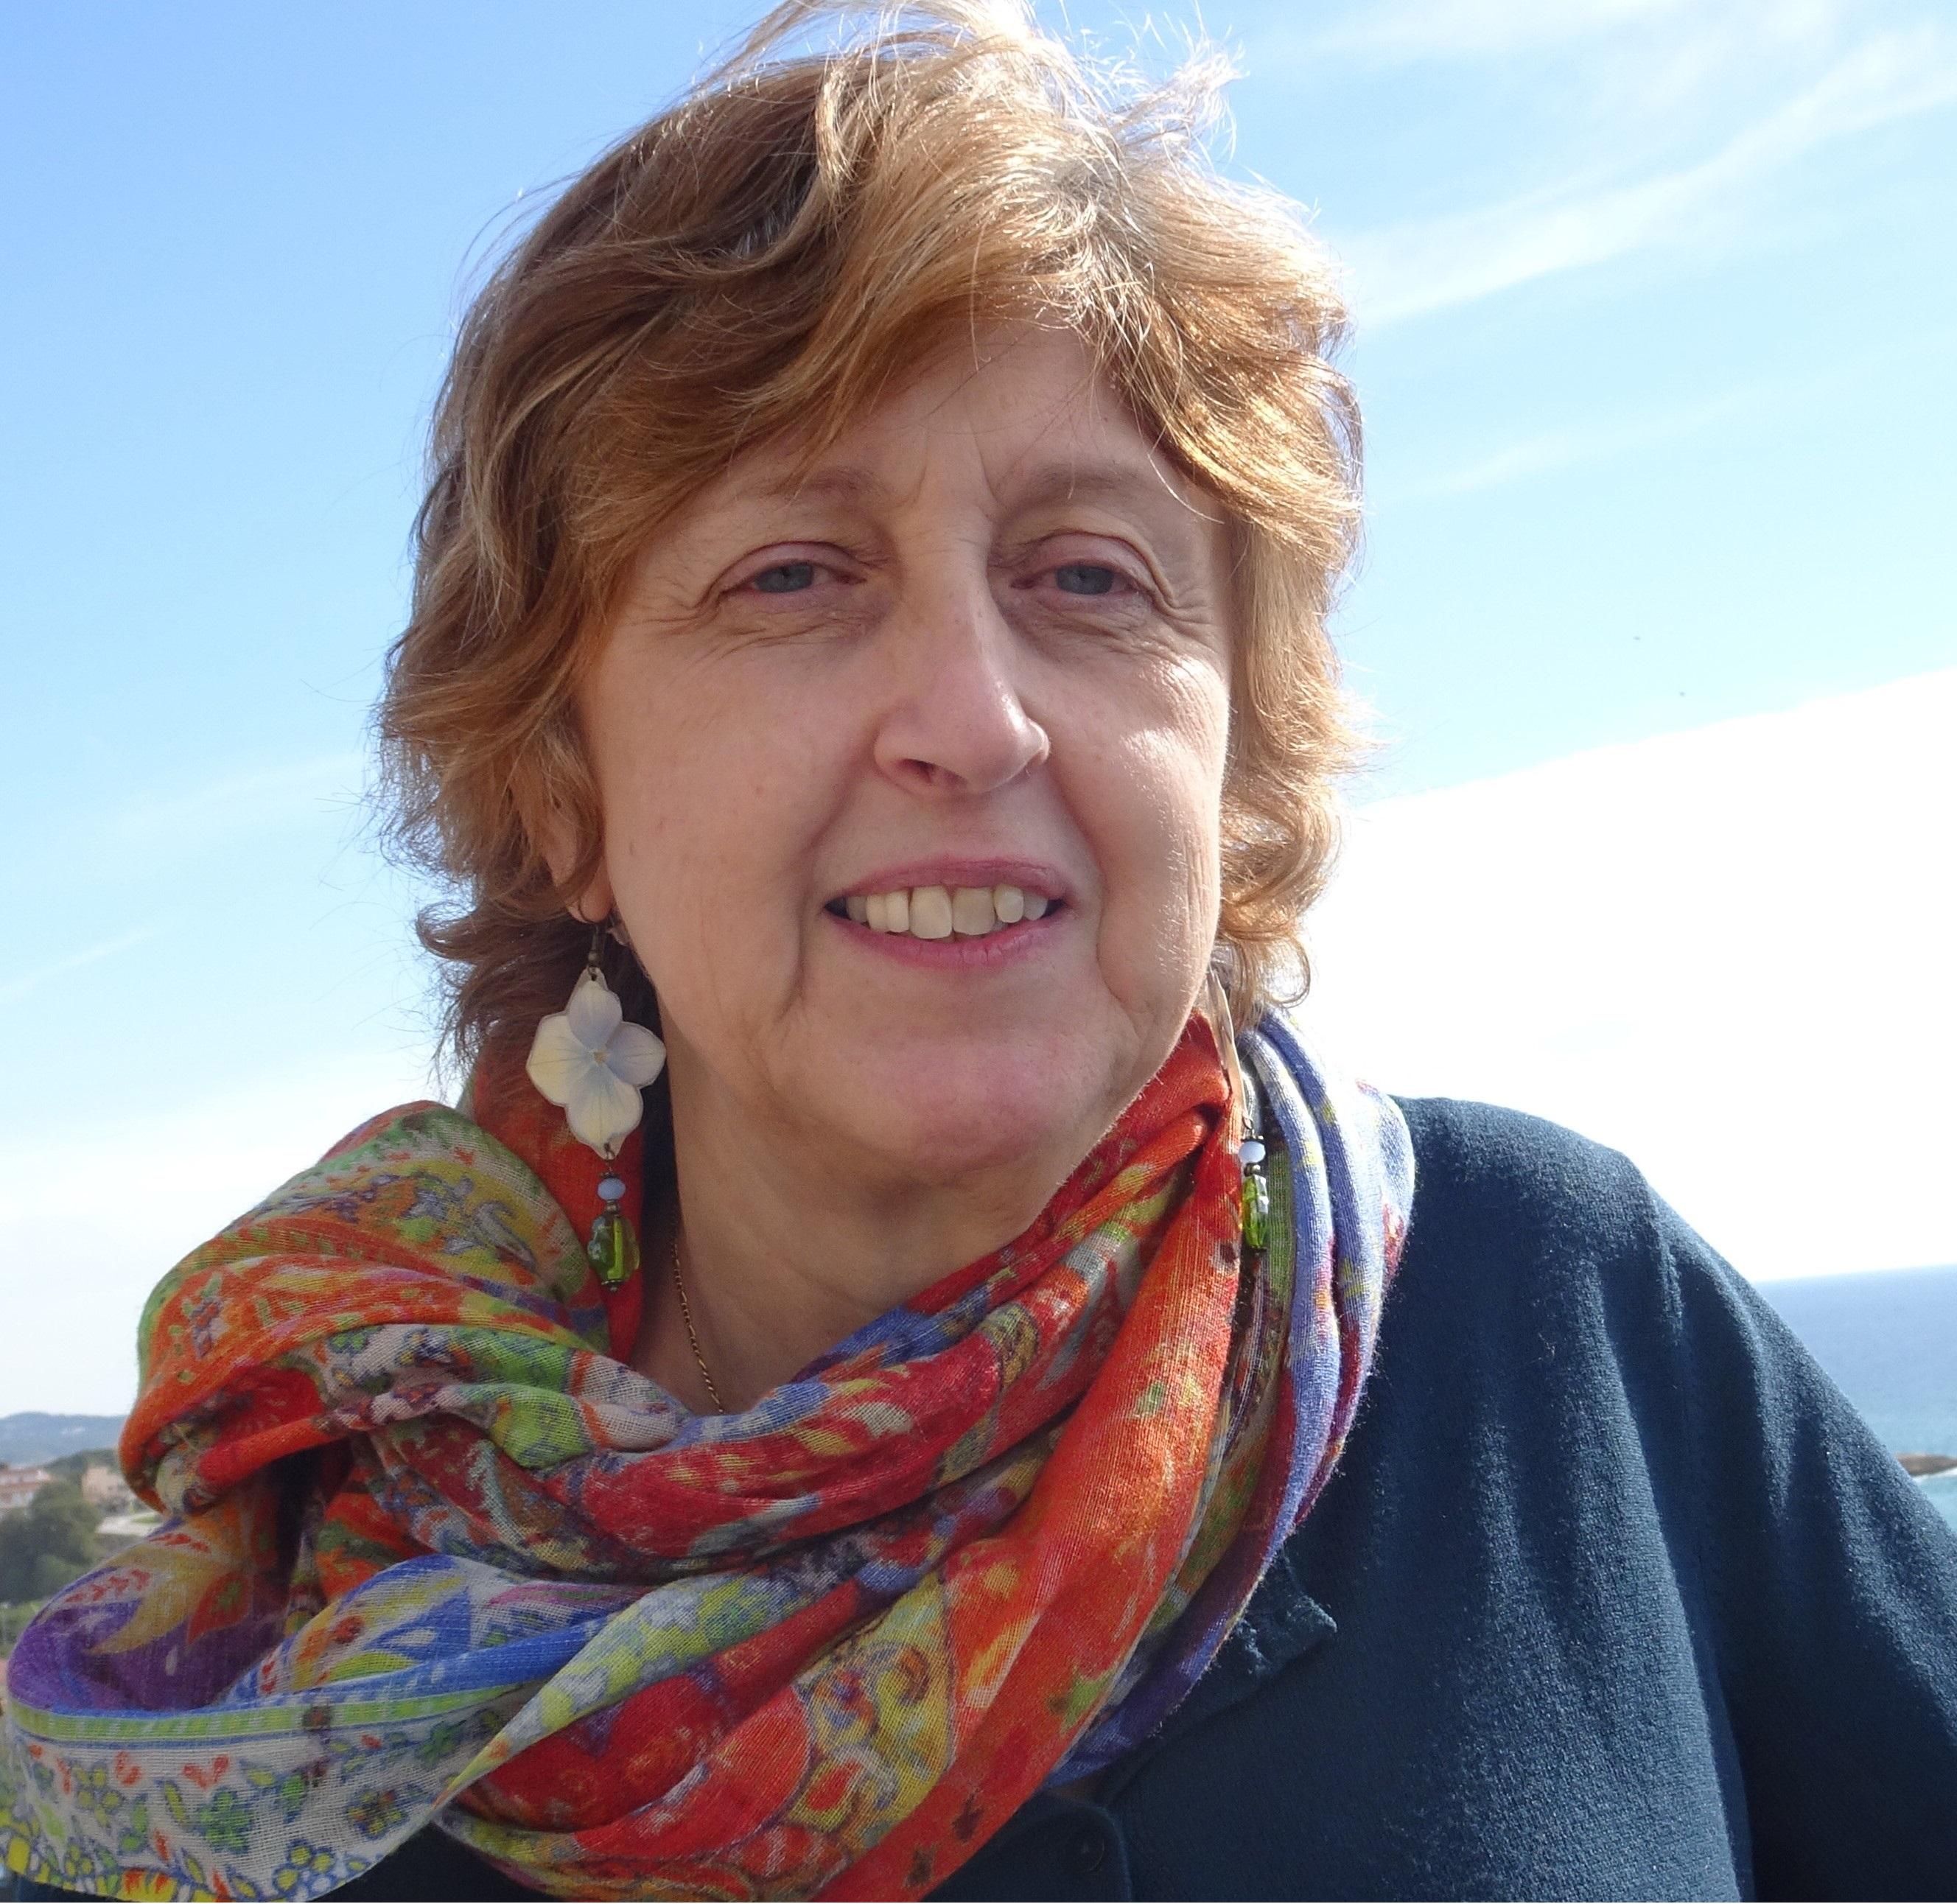 camins-de-pedra-Teresa-duch-foto-autora